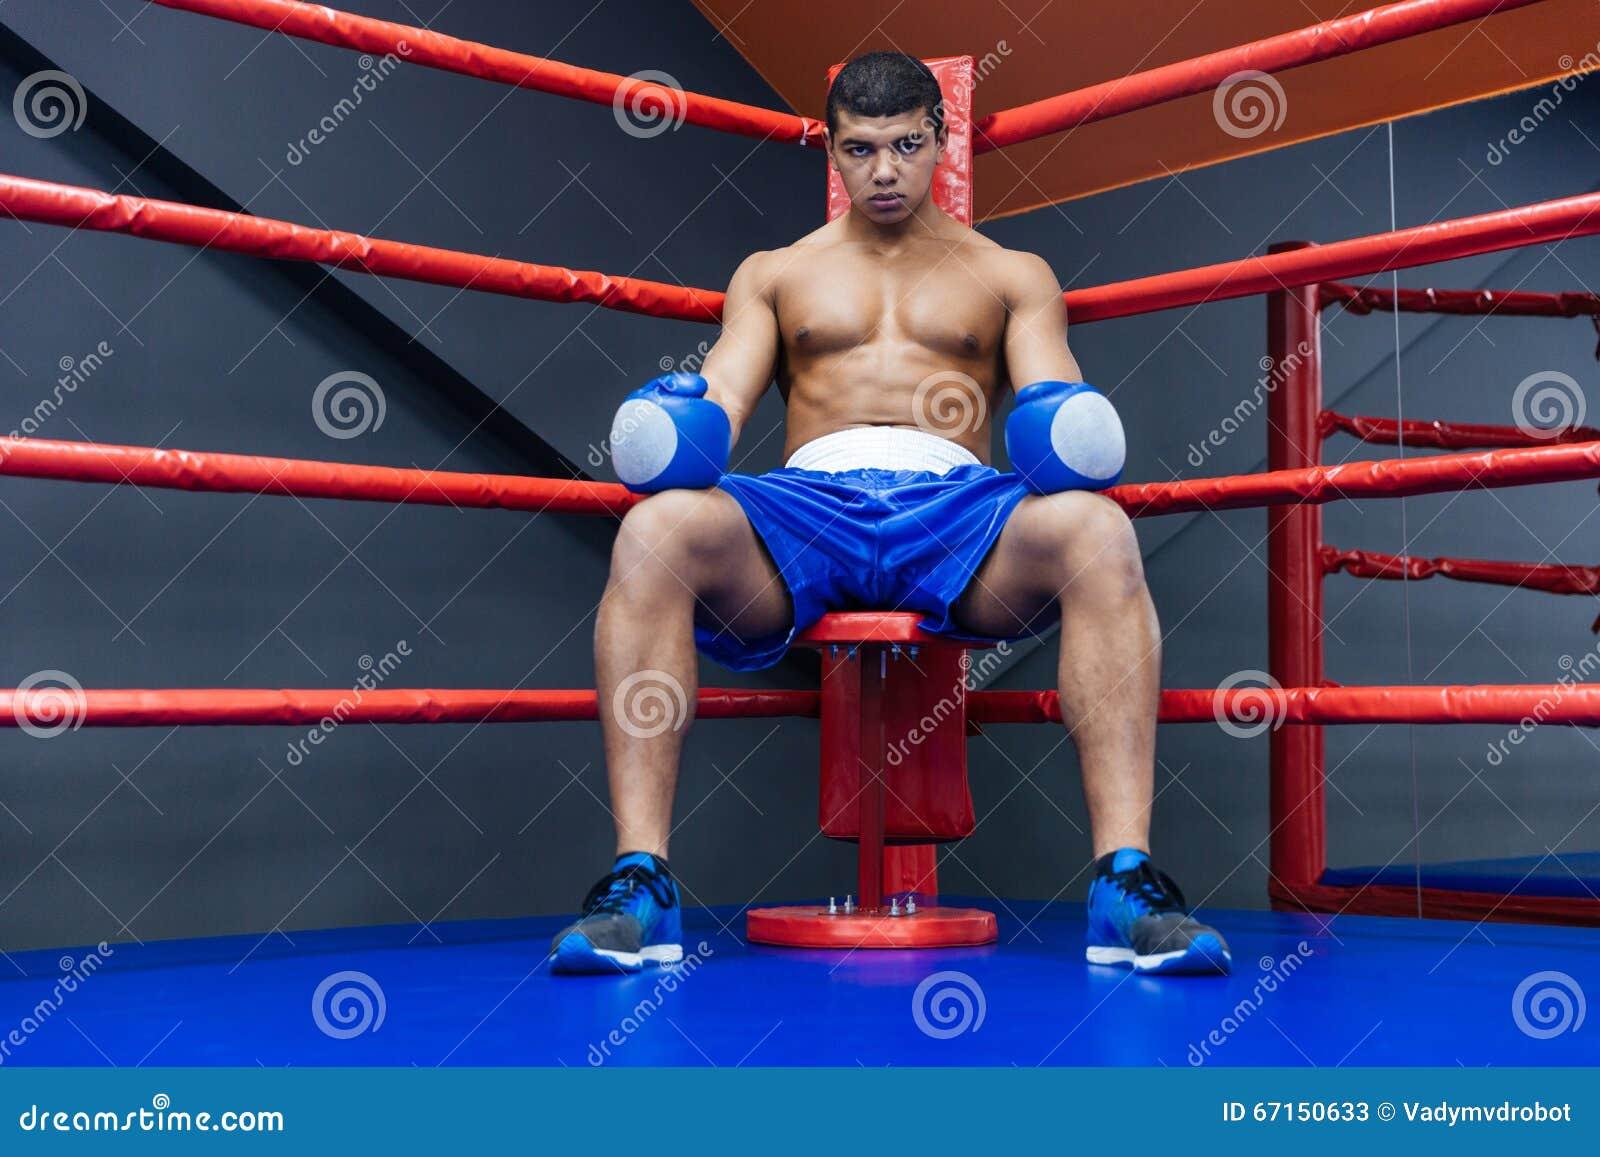 Согрешили На Боксерском Ринге